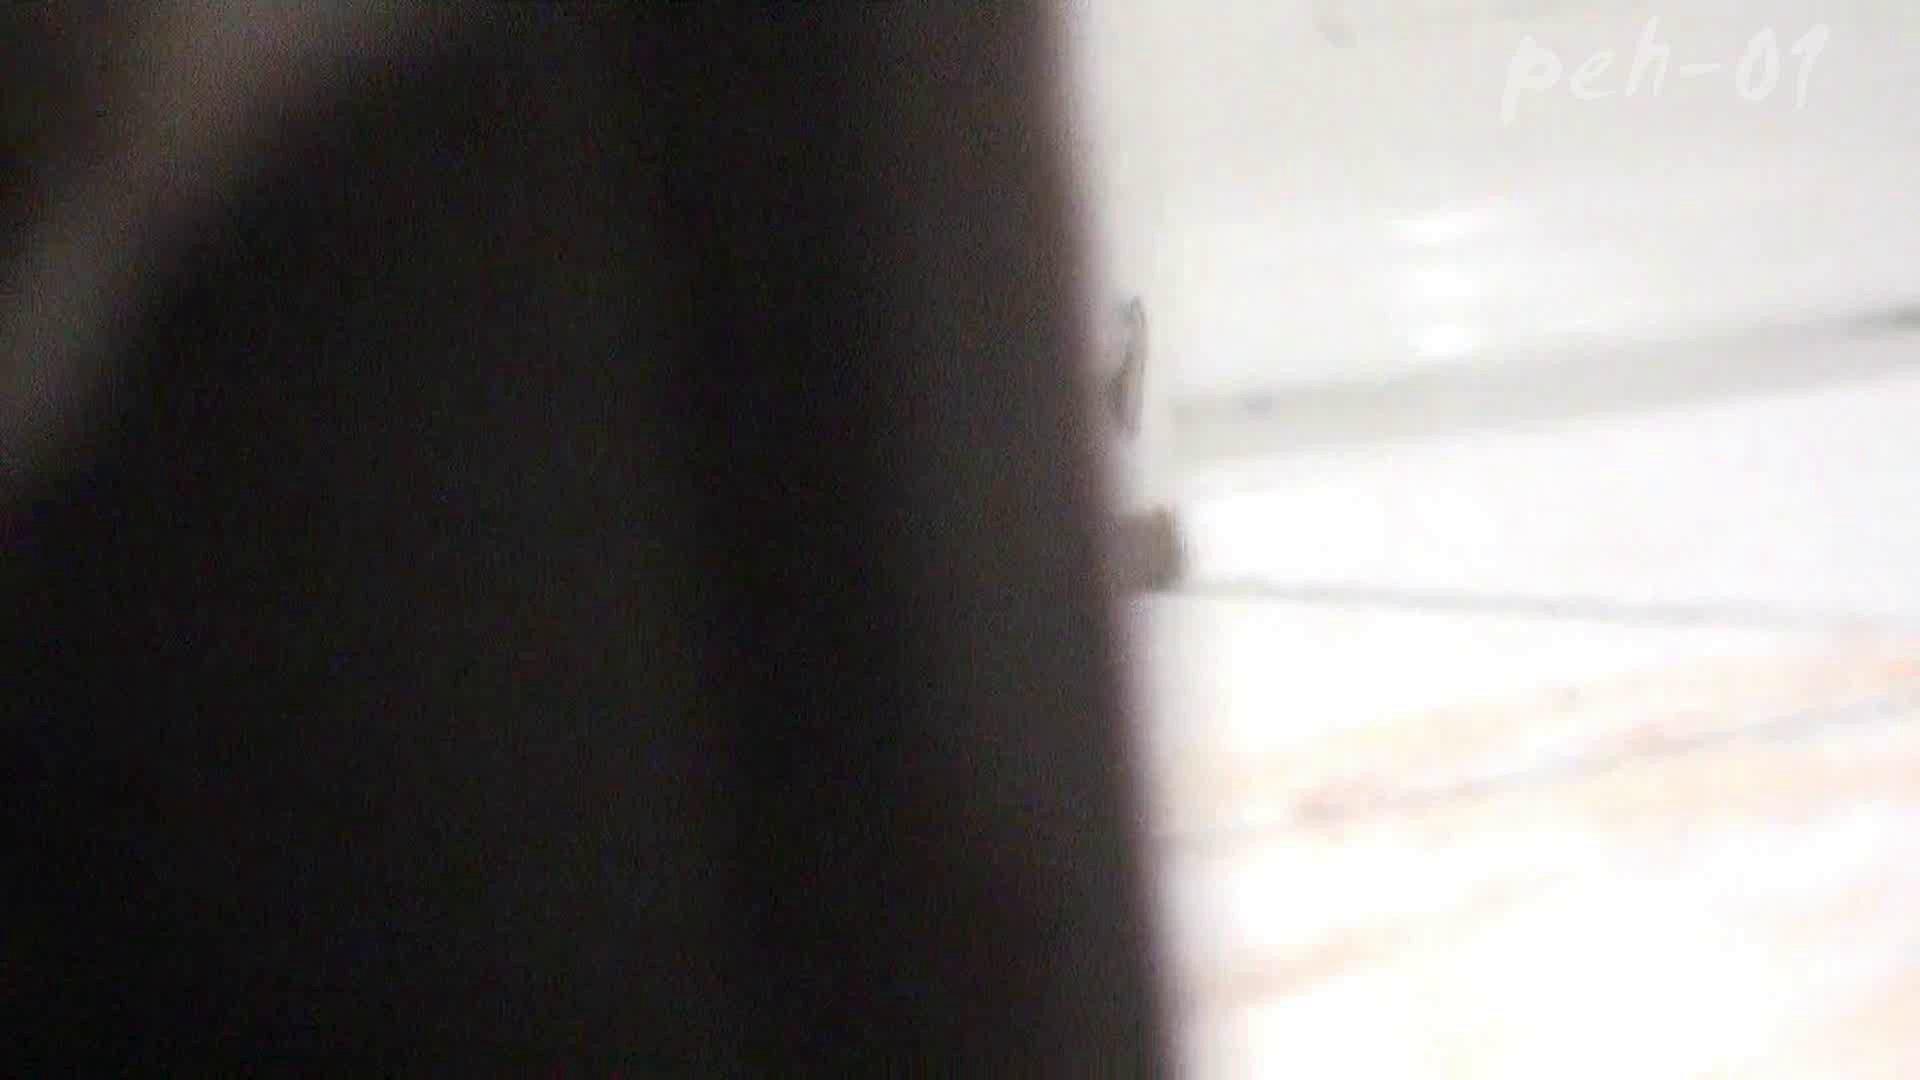 ※100個限定販売 至高下半身盗撮 プレミアム Vol.1 ハイビジョン 盗撮編 おめこ無修正動画無料 103枚 68